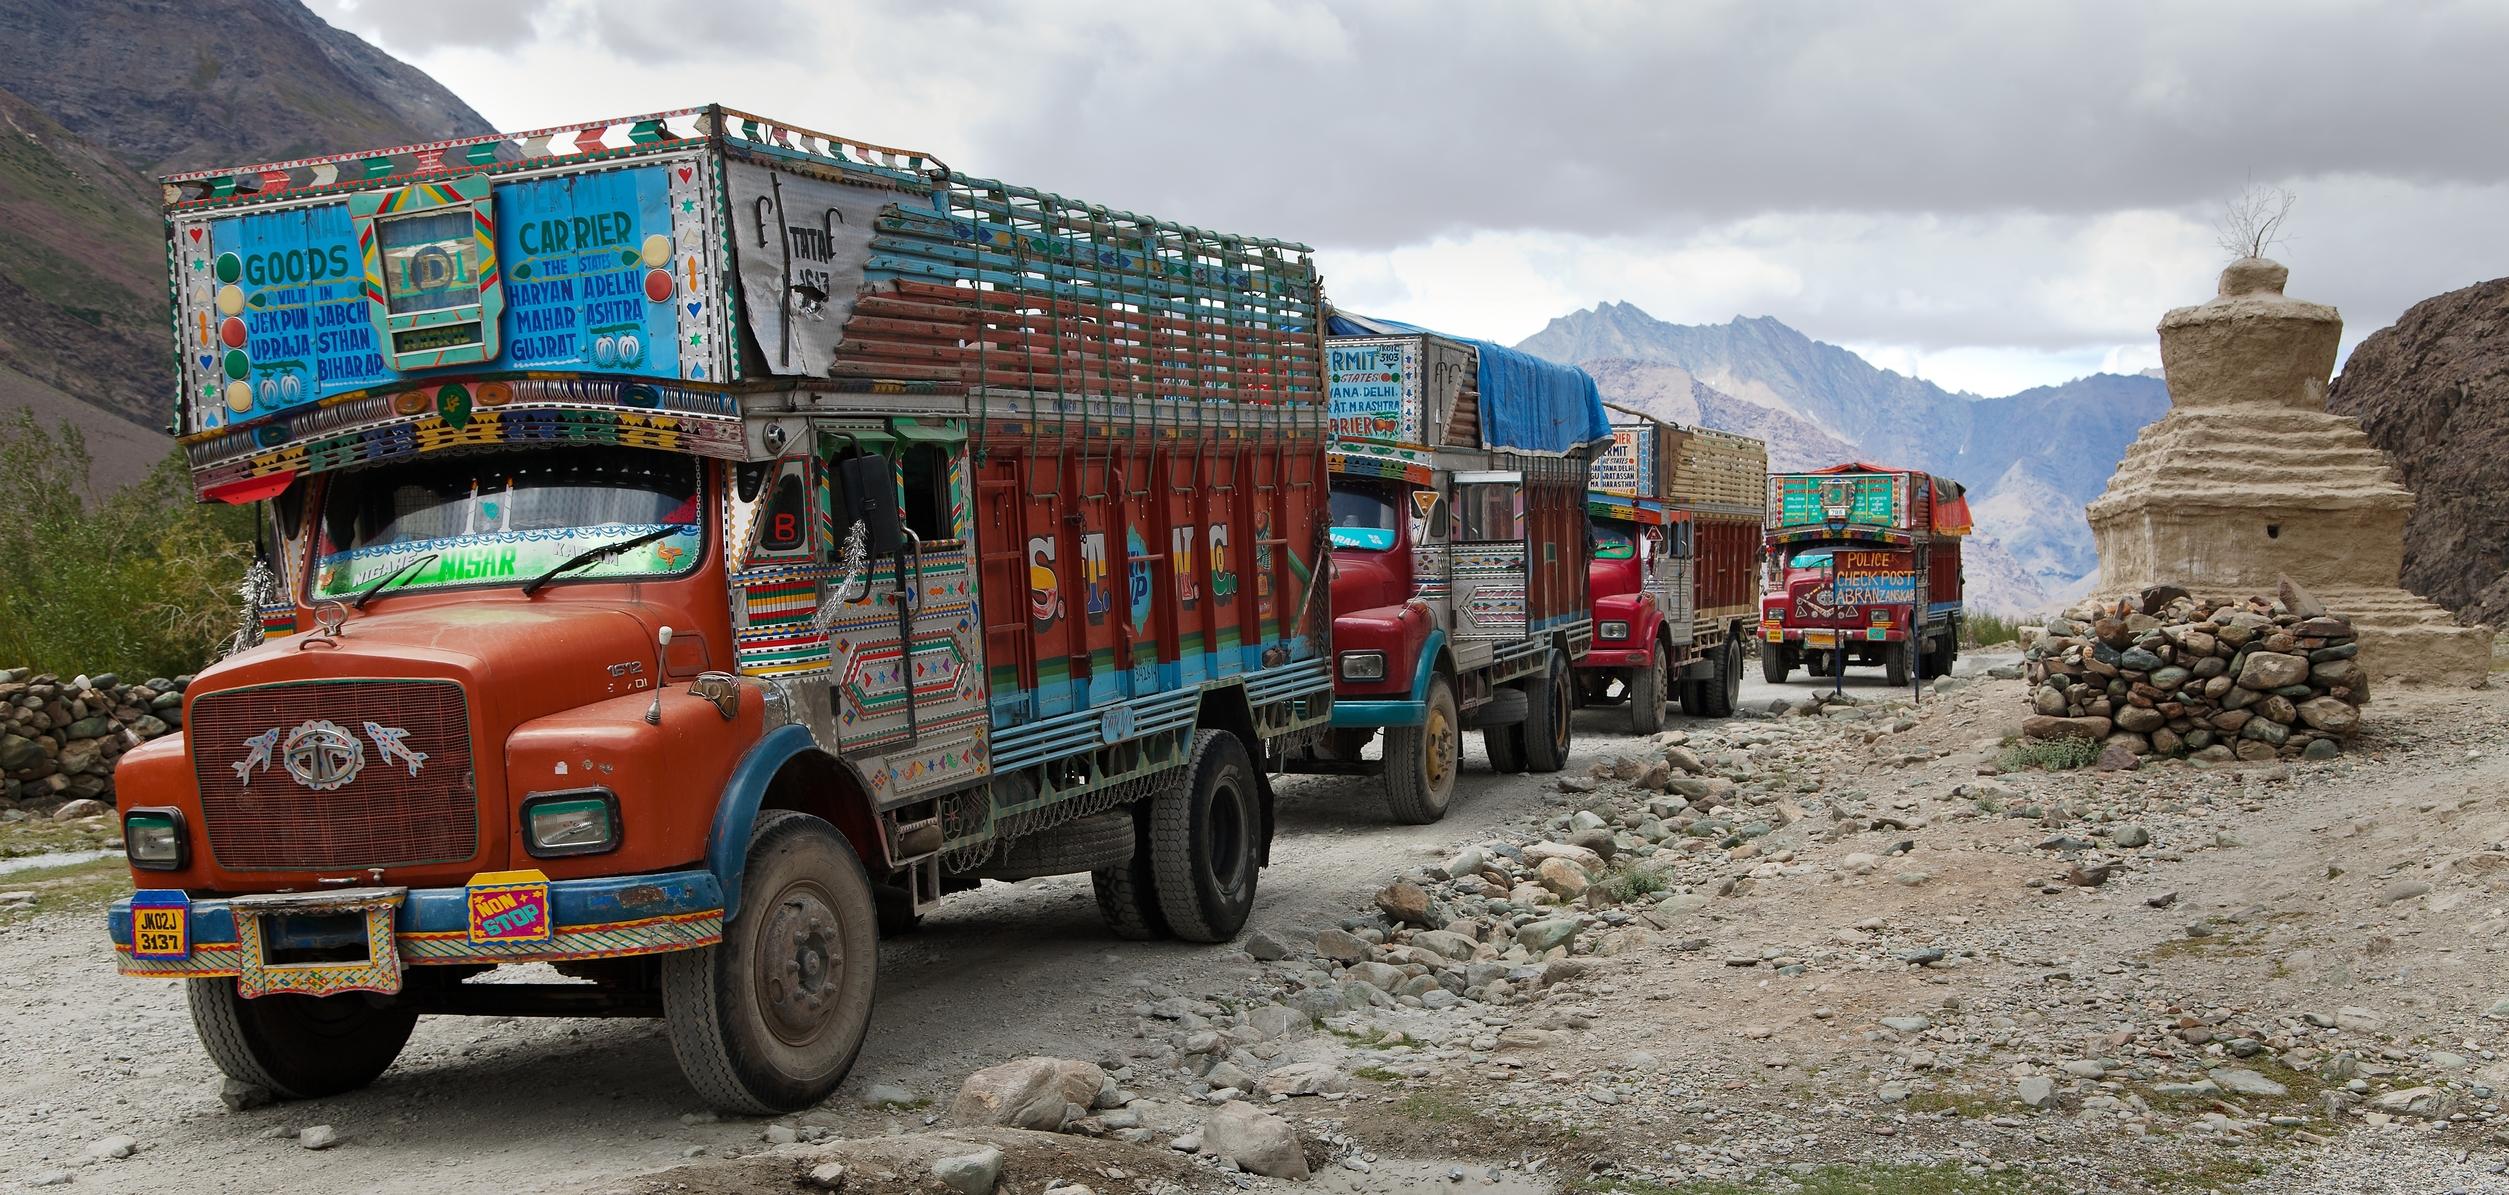 © Daniel Prudek |india truck _45125357